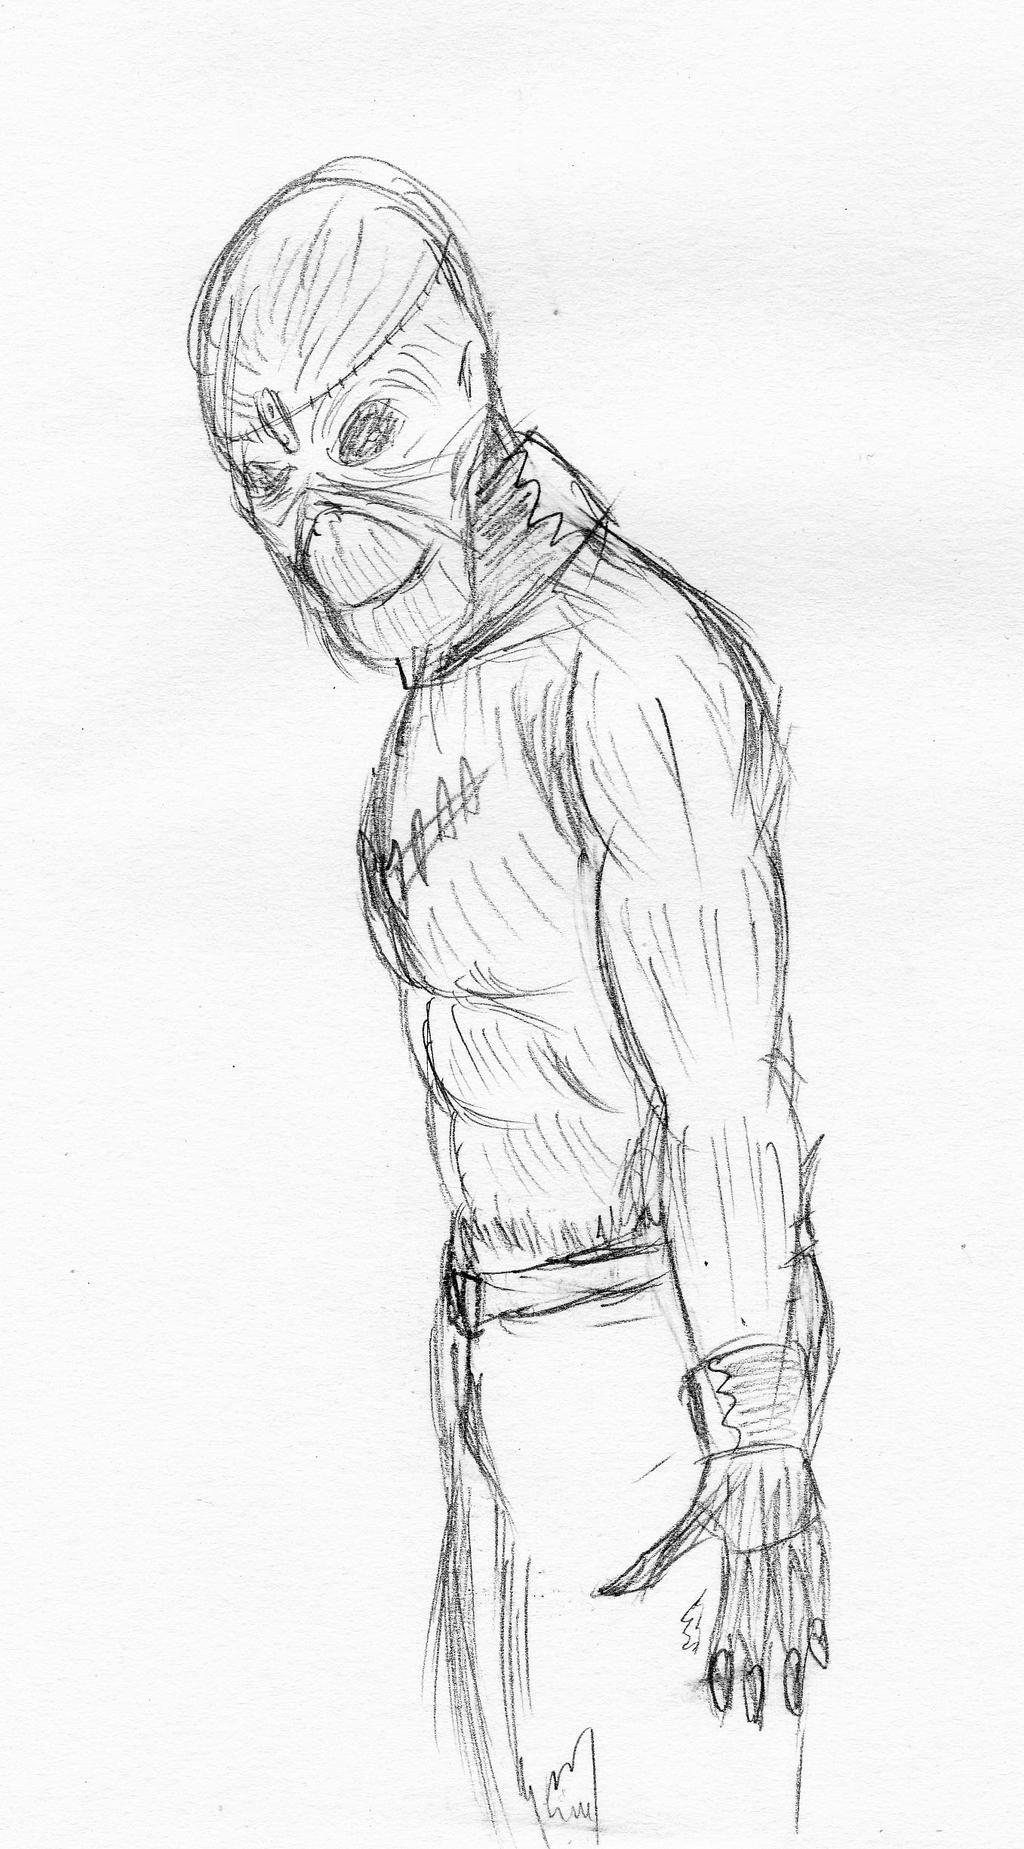 Eddie sketch